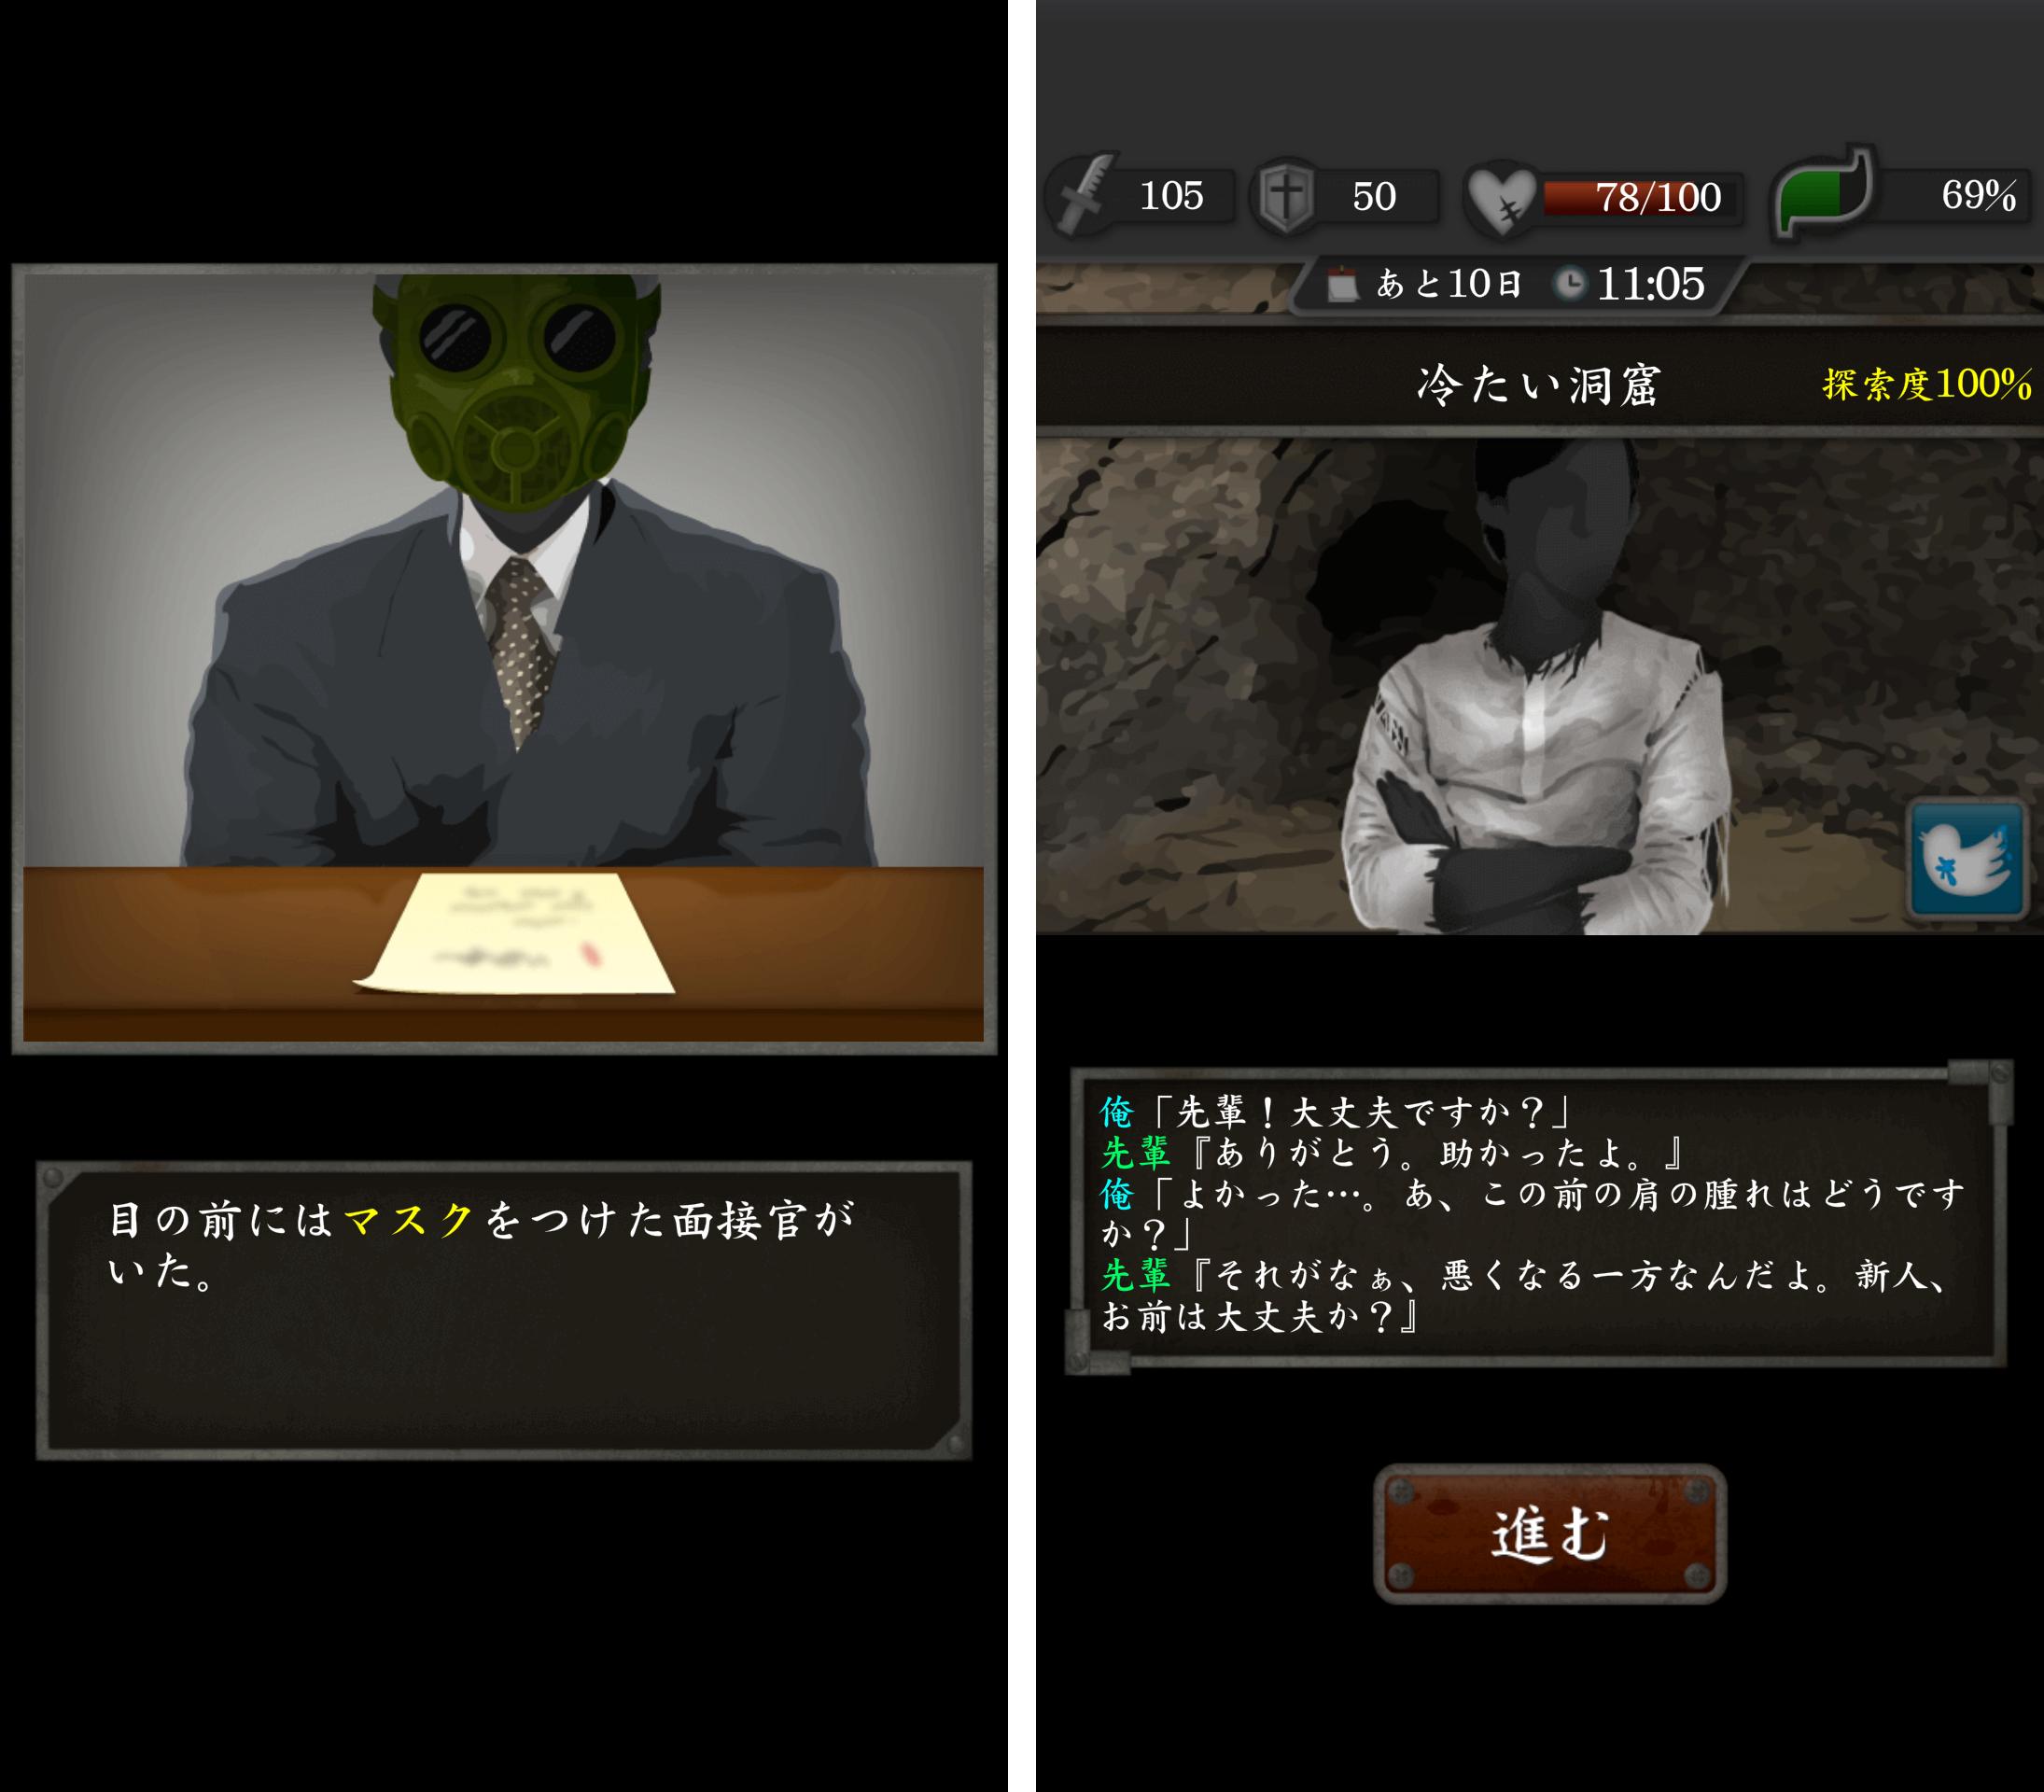 実験島 androidアプリスクリーンショット2